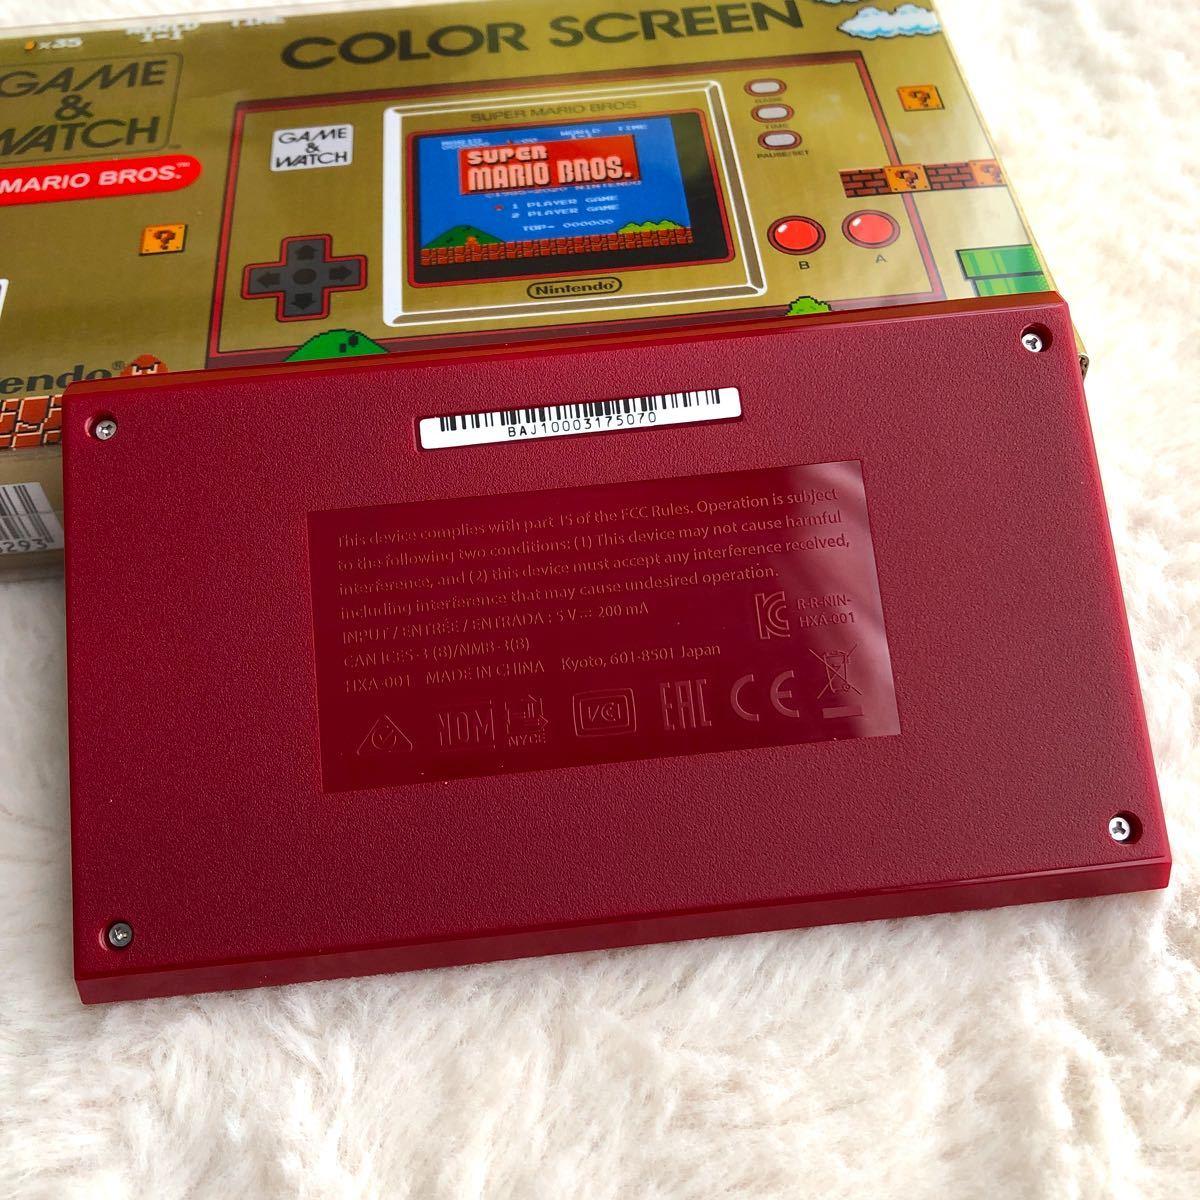 ゲーム&ウオッチ スーパーマリオブラザーズ GAME&WATCH 任天堂 保護シール貼り付け済